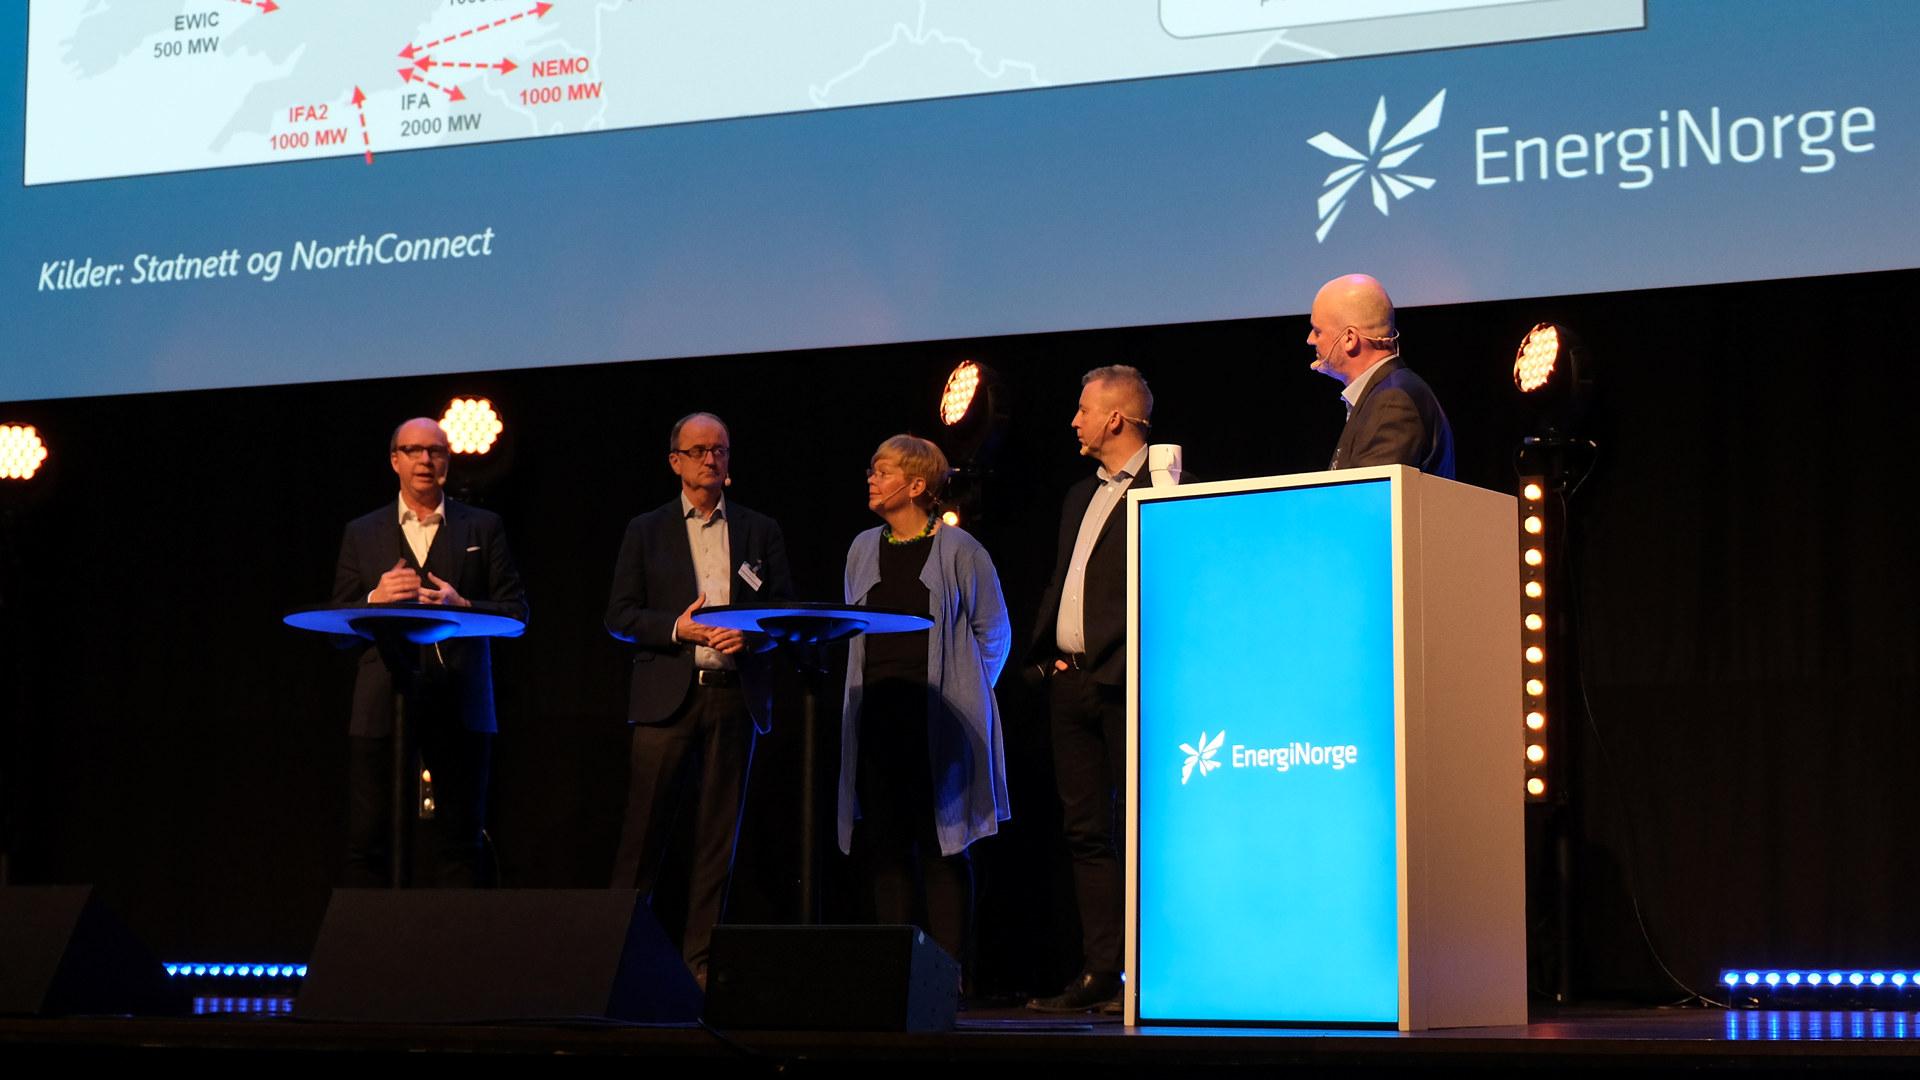 Vinterkonferansen 2019 i Malmø - Dag 3. Paneldebatt.  Eimund Nygaard, konsernsjef i Lyse og styreleder i Energi Norge Frode Alfheim, forbundsleder i Industri Energi Hege Liadal (Ap), medlem av Stortingets energi- og miljøkomité Ketil Kjenseth (V), leder av Stortingets energi- og miljøkomité